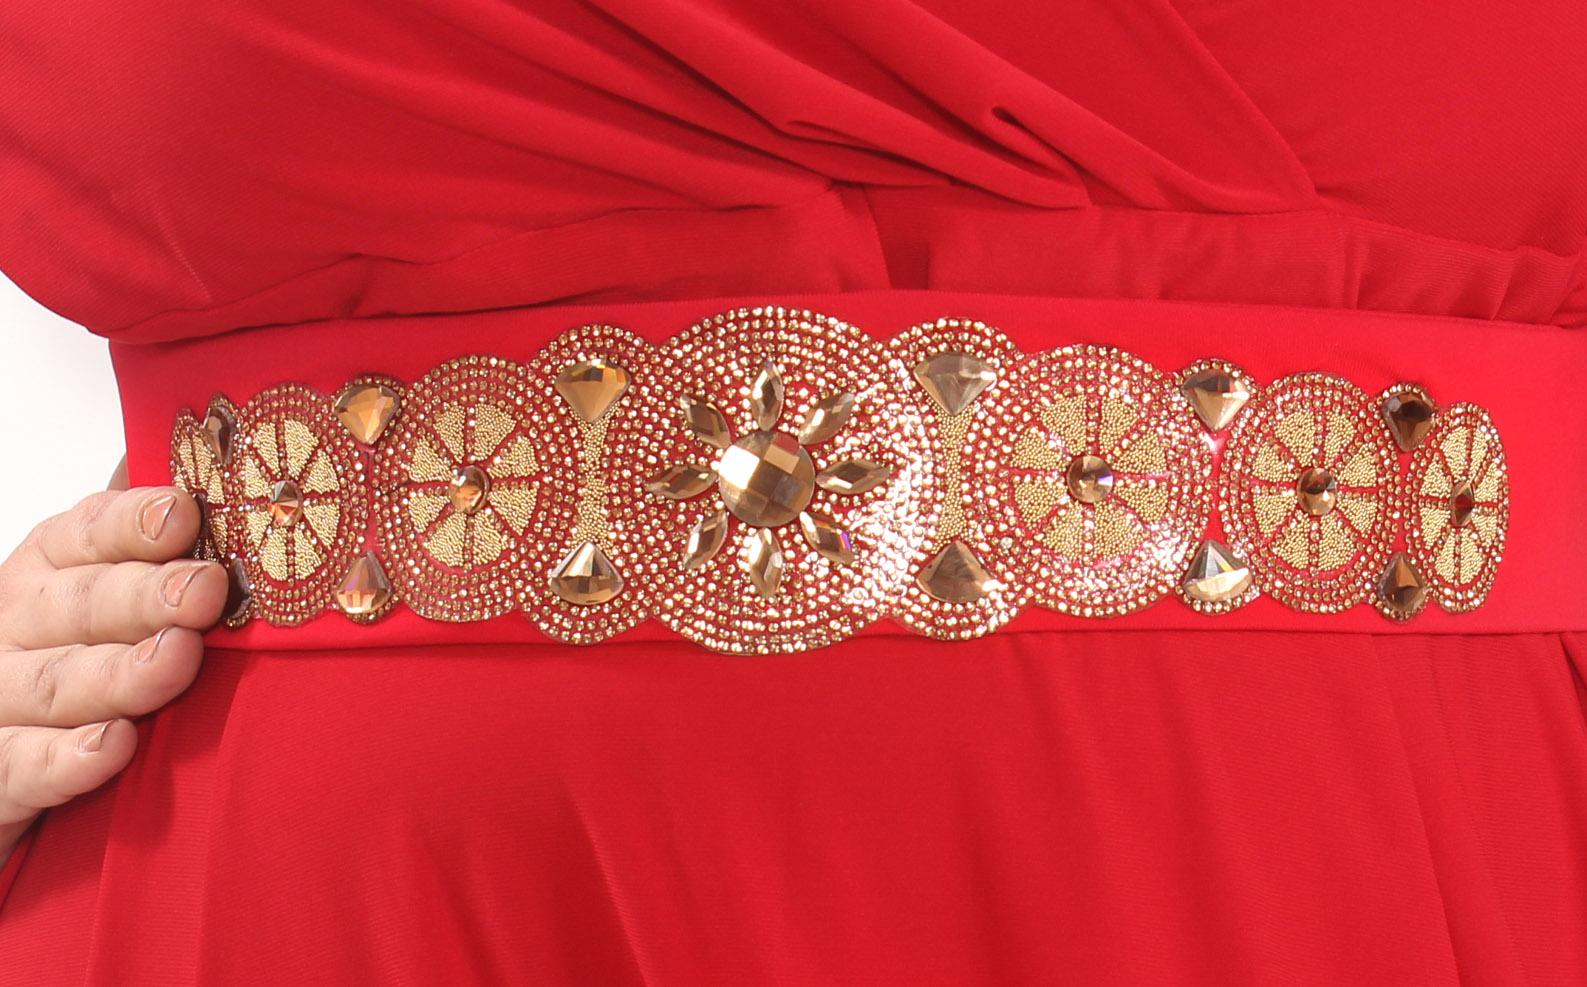 2249a4ad525 ... Вечернее платье Клеопатра Magesty. Шикарное платье сочного красного  цвета. Фасон платья в стиле Ампир с завышенной линией талии и расклешённой  от груди ...